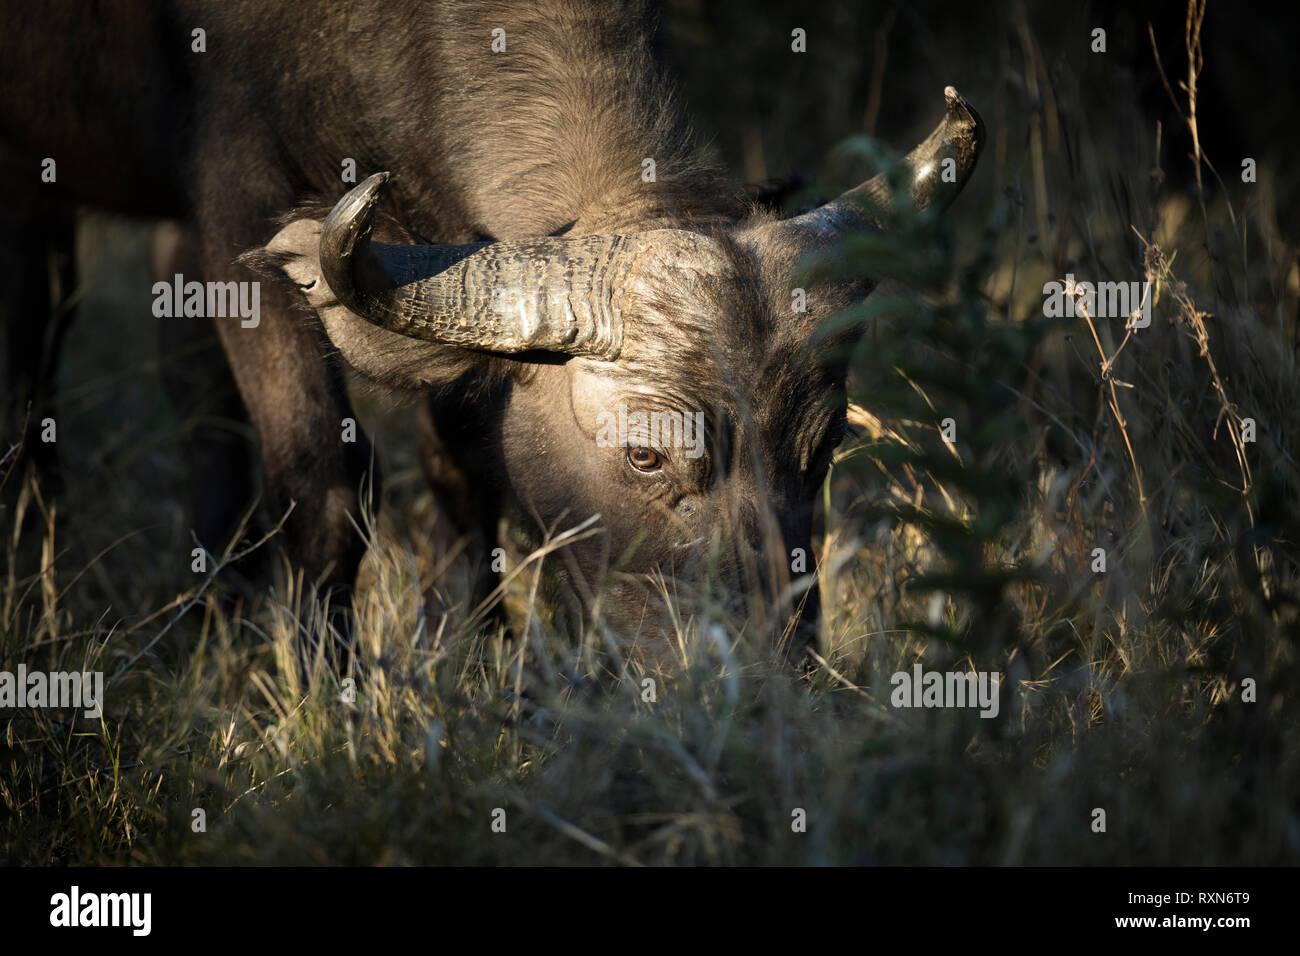 A buffalo in Chobe national Park, Botswana. - Stock Image